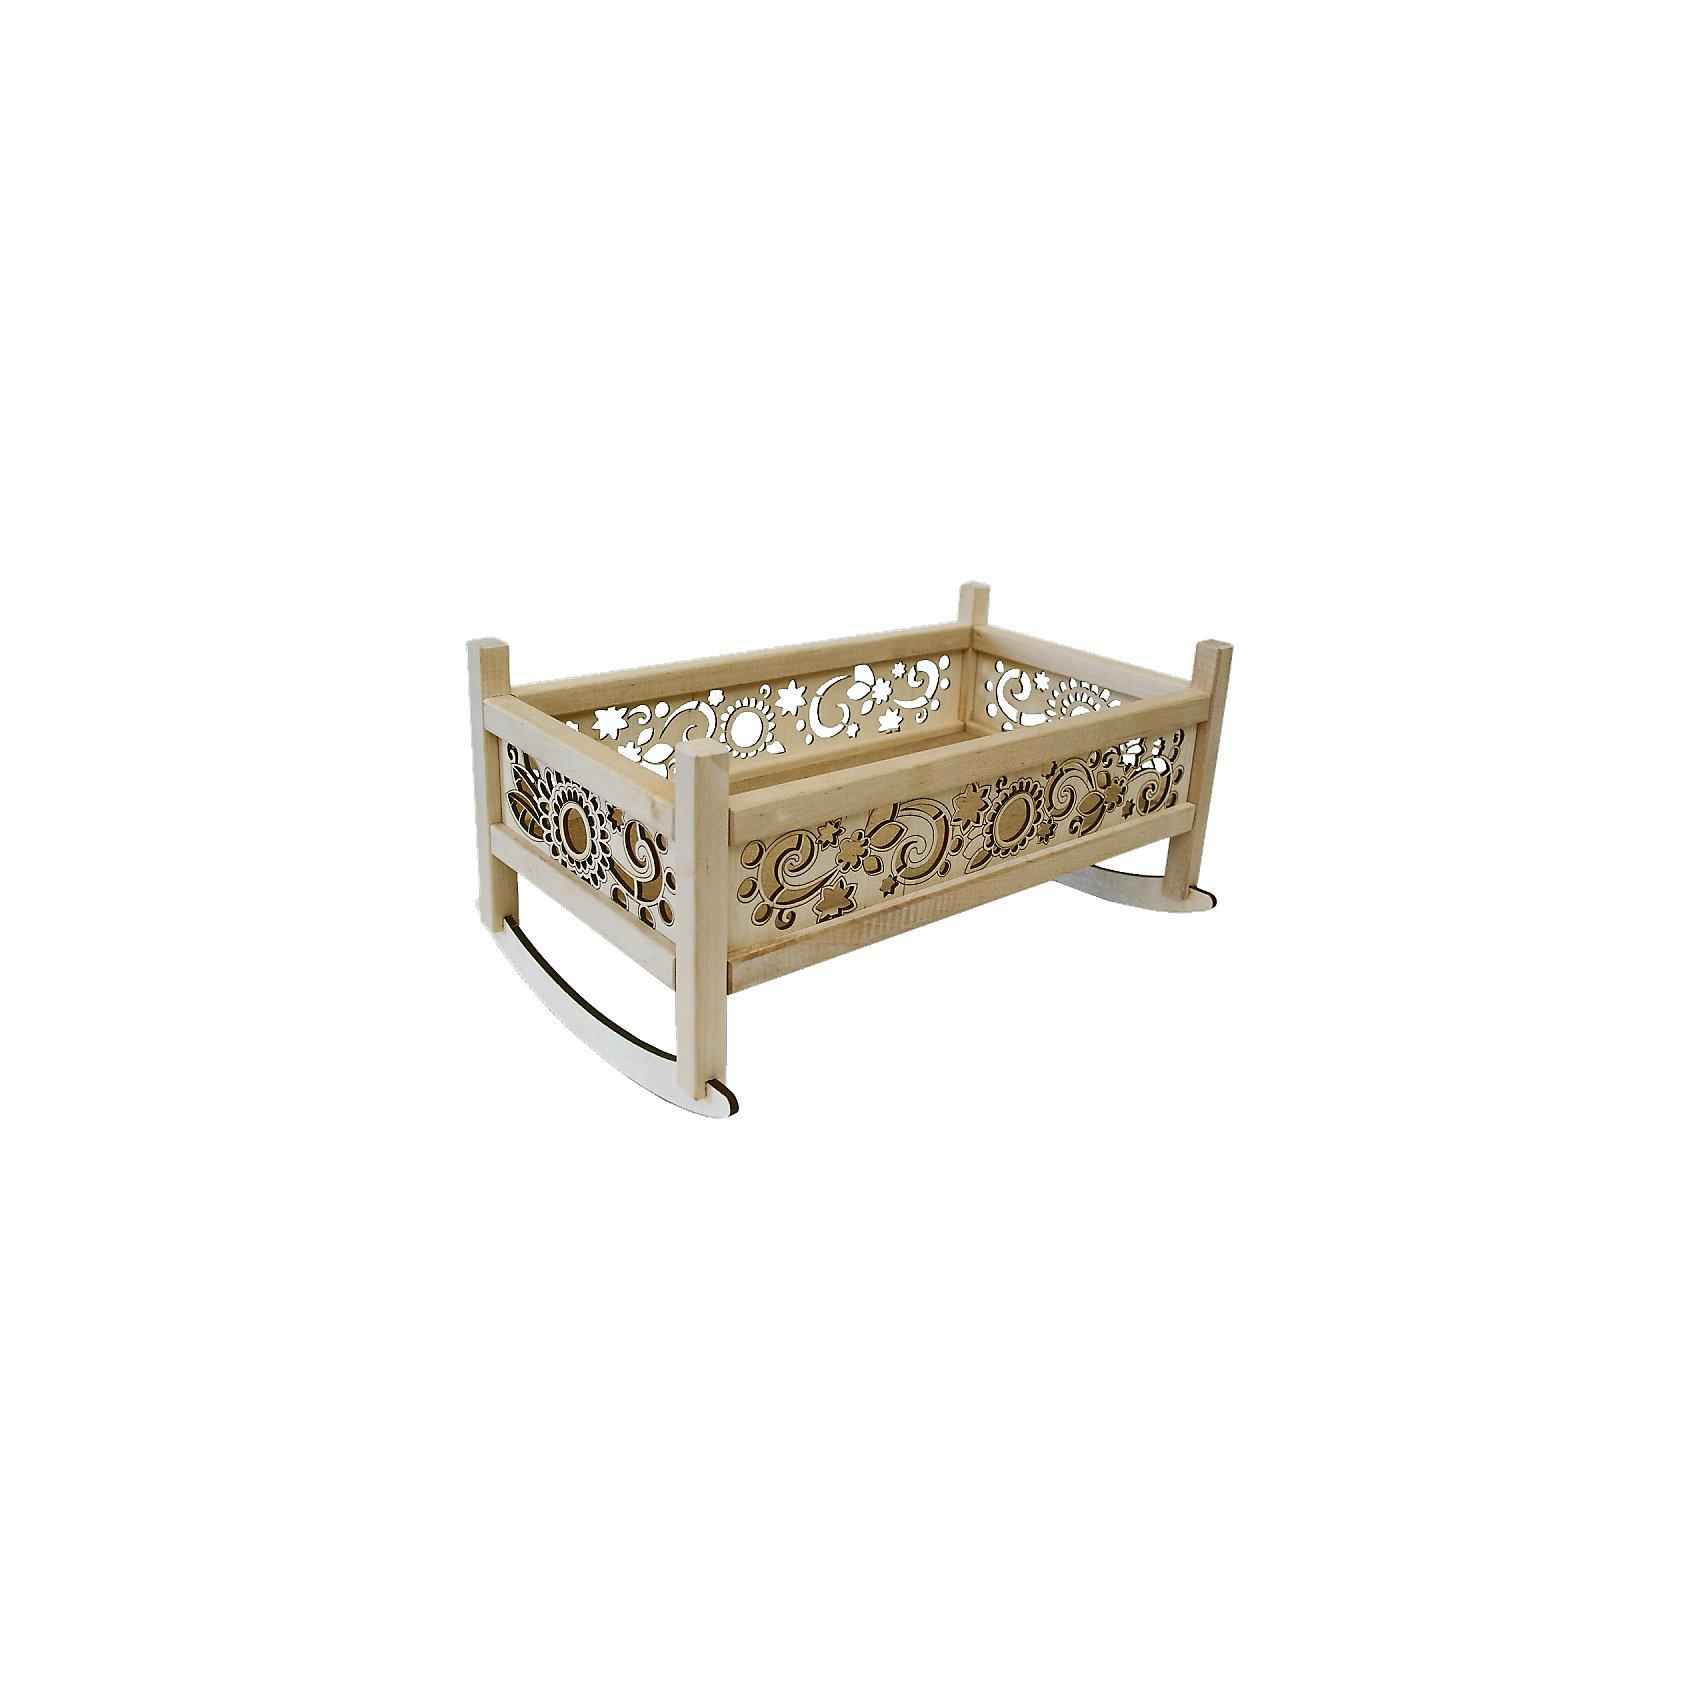 Кроватка – качалка  для кукол, Master woodХарактеристики:<br><br>• материал: дерево;<br>• размер кроватки: 52х19х20 см;<br>• вес: 1 кг.<br><br>Кроватка-качалка для кукол имеет специальные полозья, чтобы раскачивать люльку. Витиеватые бортики выполнены очень искусно и аккуратно. В такой кроватке куколка будет видеть самые яркие сны!<br><br>Кроватку-качалку для кукол, Master wood можно купить в нашем магазине.<br><br>Ширина мм: 410<br>Глубина мм: 230<br>Высота мм: 200<br>Вес г: 1000<br>Возраст от месяцев: 36<br>Возраст до месяцев: 2147483647<br>Пол: Женский<br>Возраст: Детский<br>SKU: 5269004